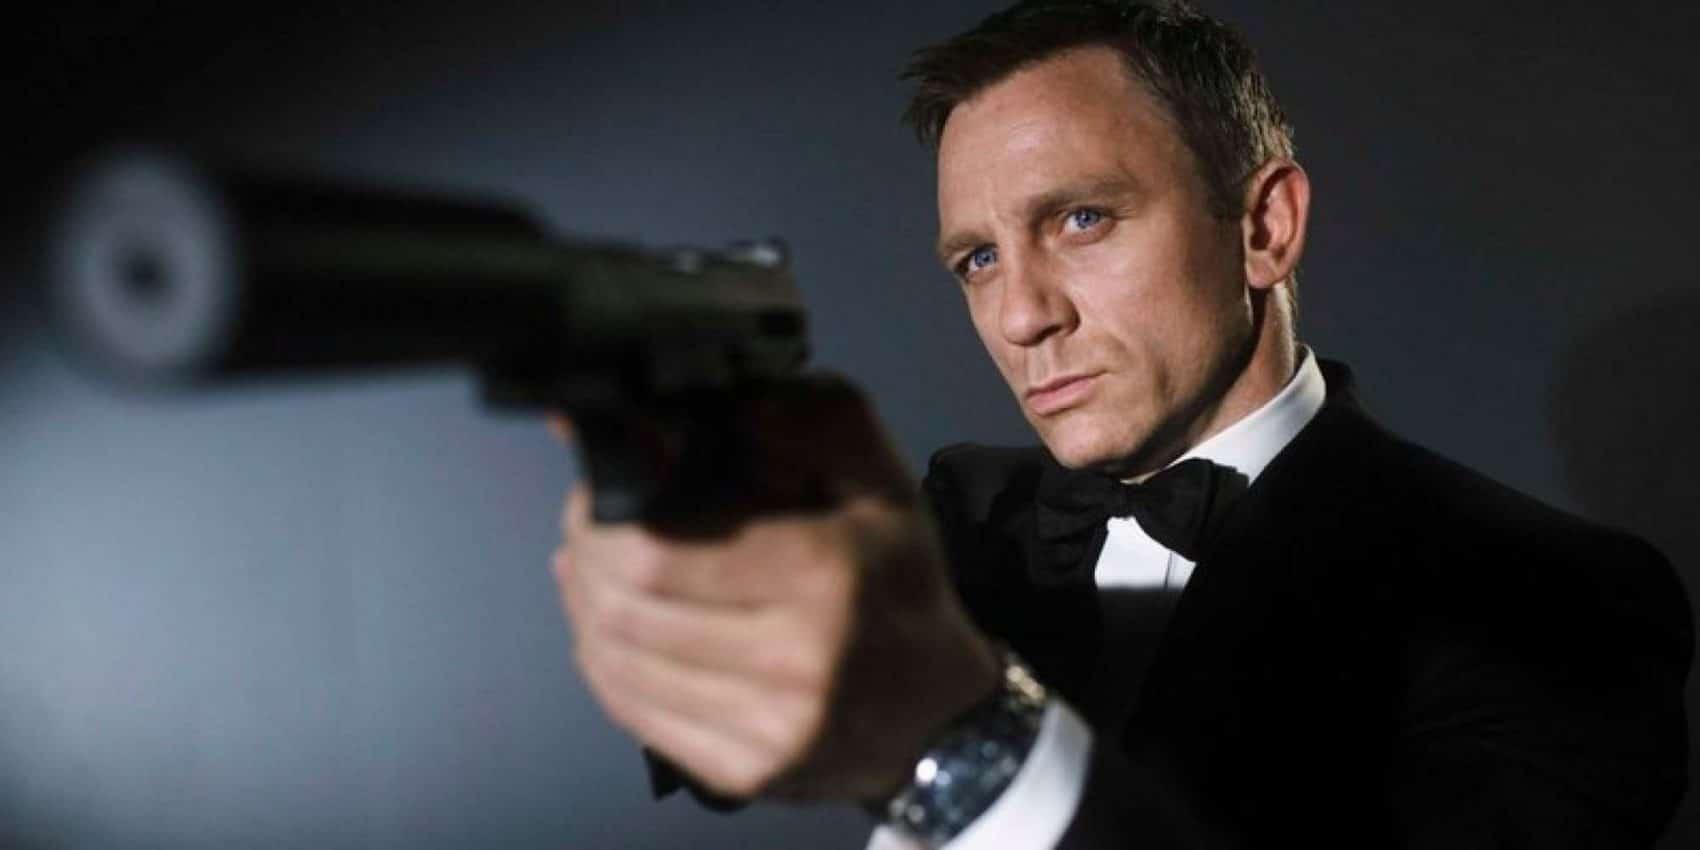 007 Spectre – Critique